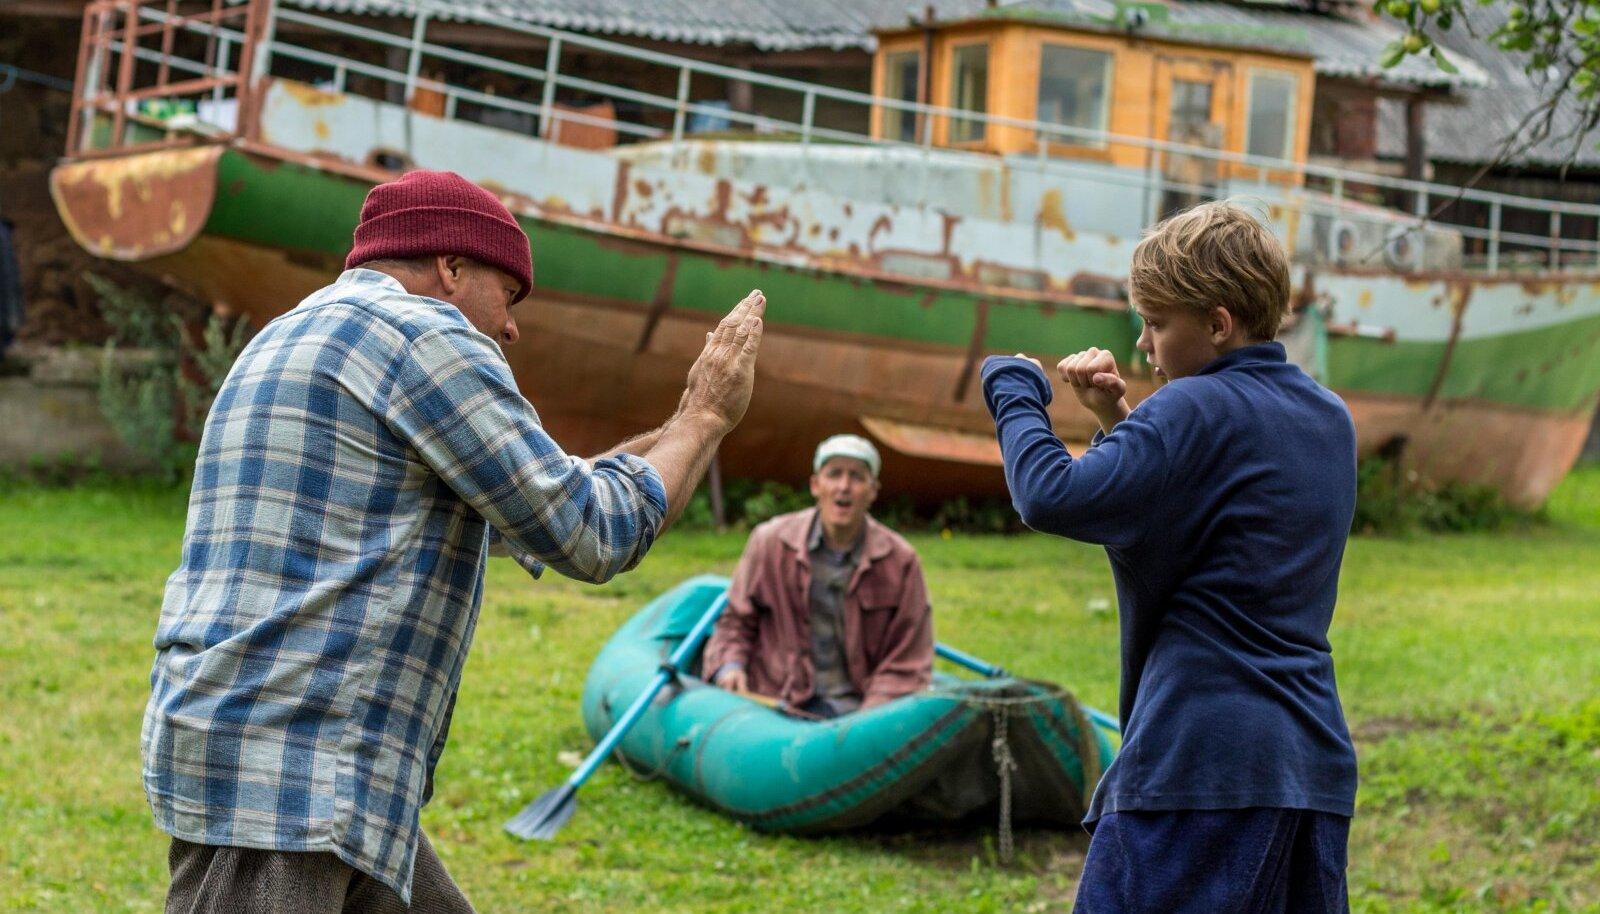 Valter (Marko Matvere) õpetab Andrest (Rasmus Ermel) poksima. Kollal (Aarne Soro) on suu lahti